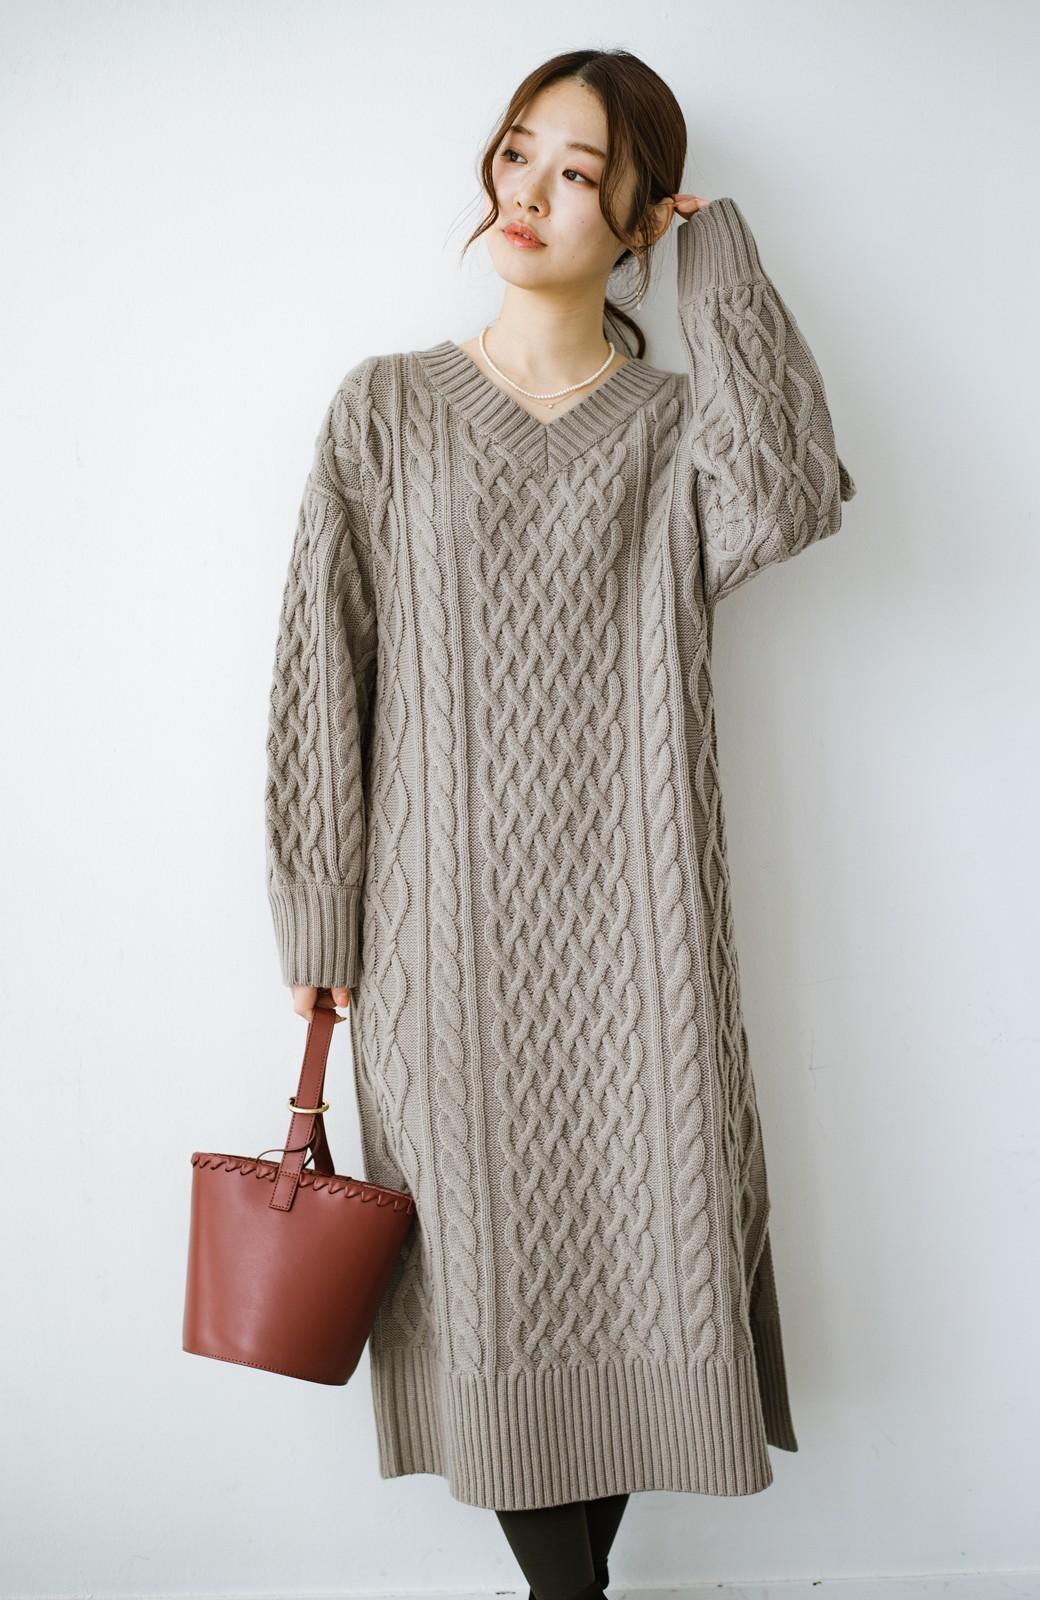 haco! パッと着て絶妙に女っぽい 重ね着にも便利なケーブルニットワンピース <グレイッシュベージュ>の商品写真3